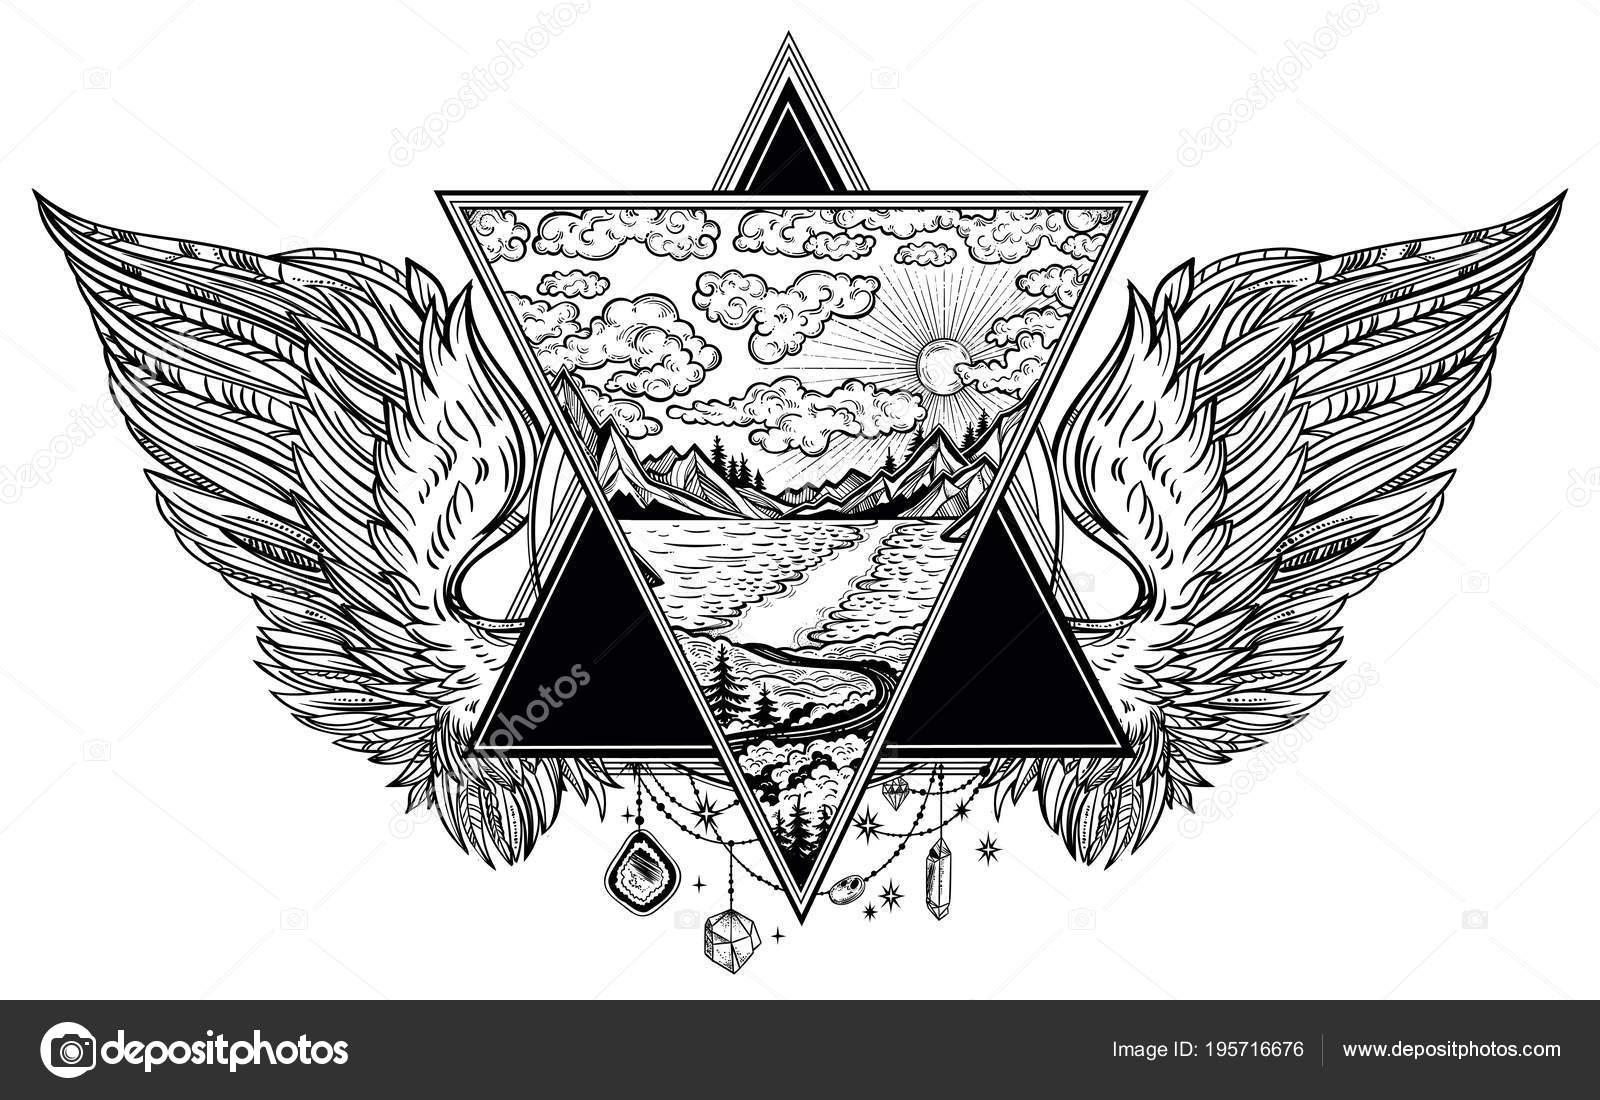 Marco moldeado triángulo con alas de Ángel o pájaro en estilo flash ...